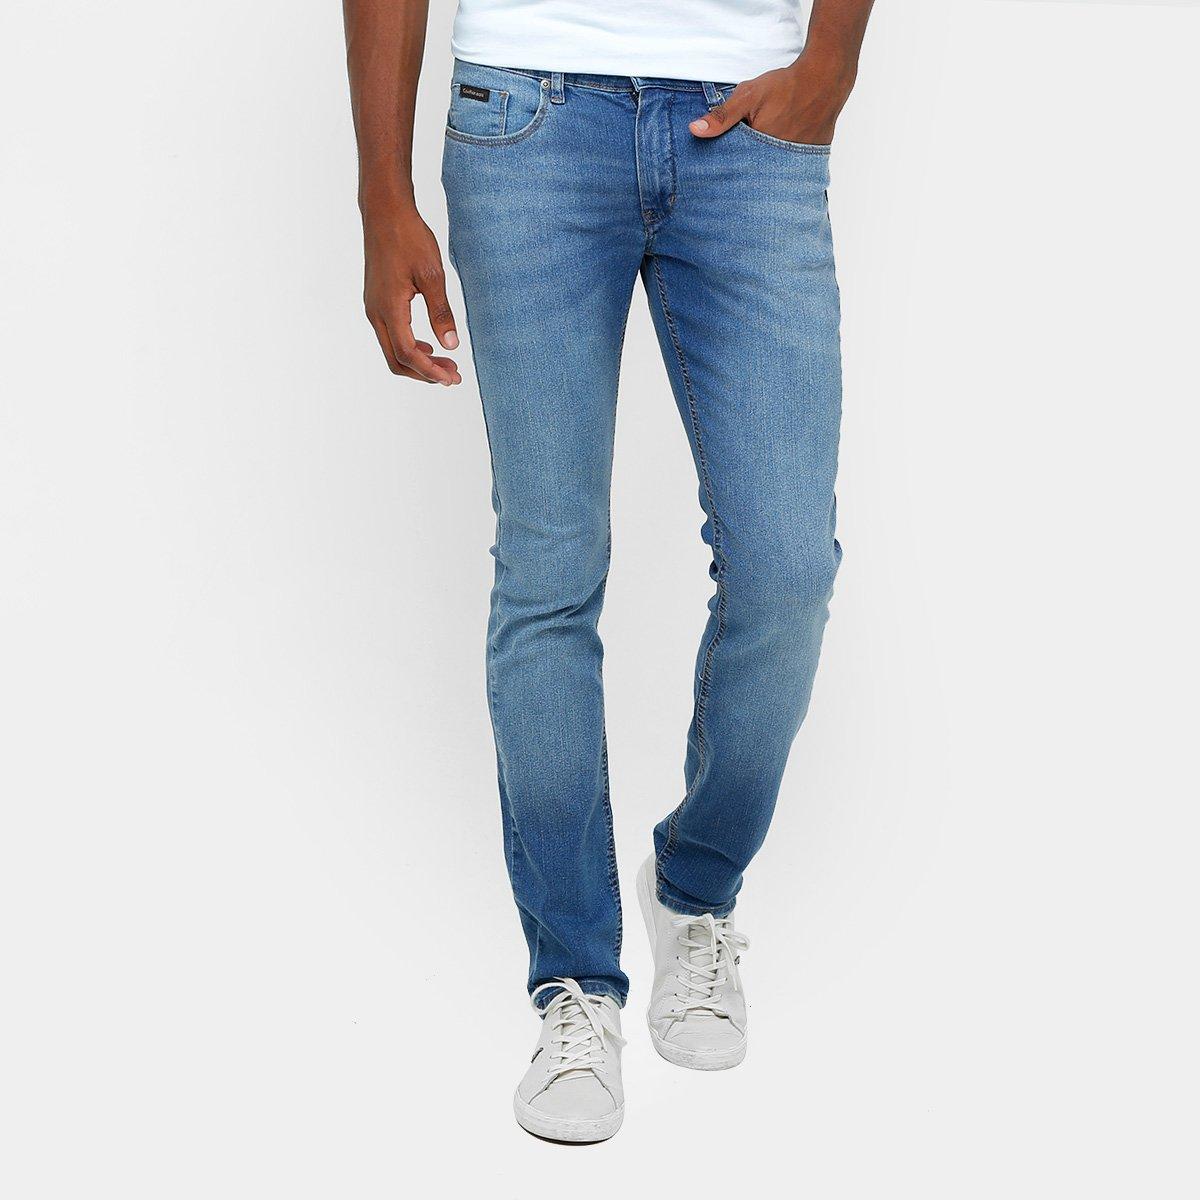 090f94709 Calça Jeans Skinny Calvin Klein Estonada Elastano Masculina | Netshoes